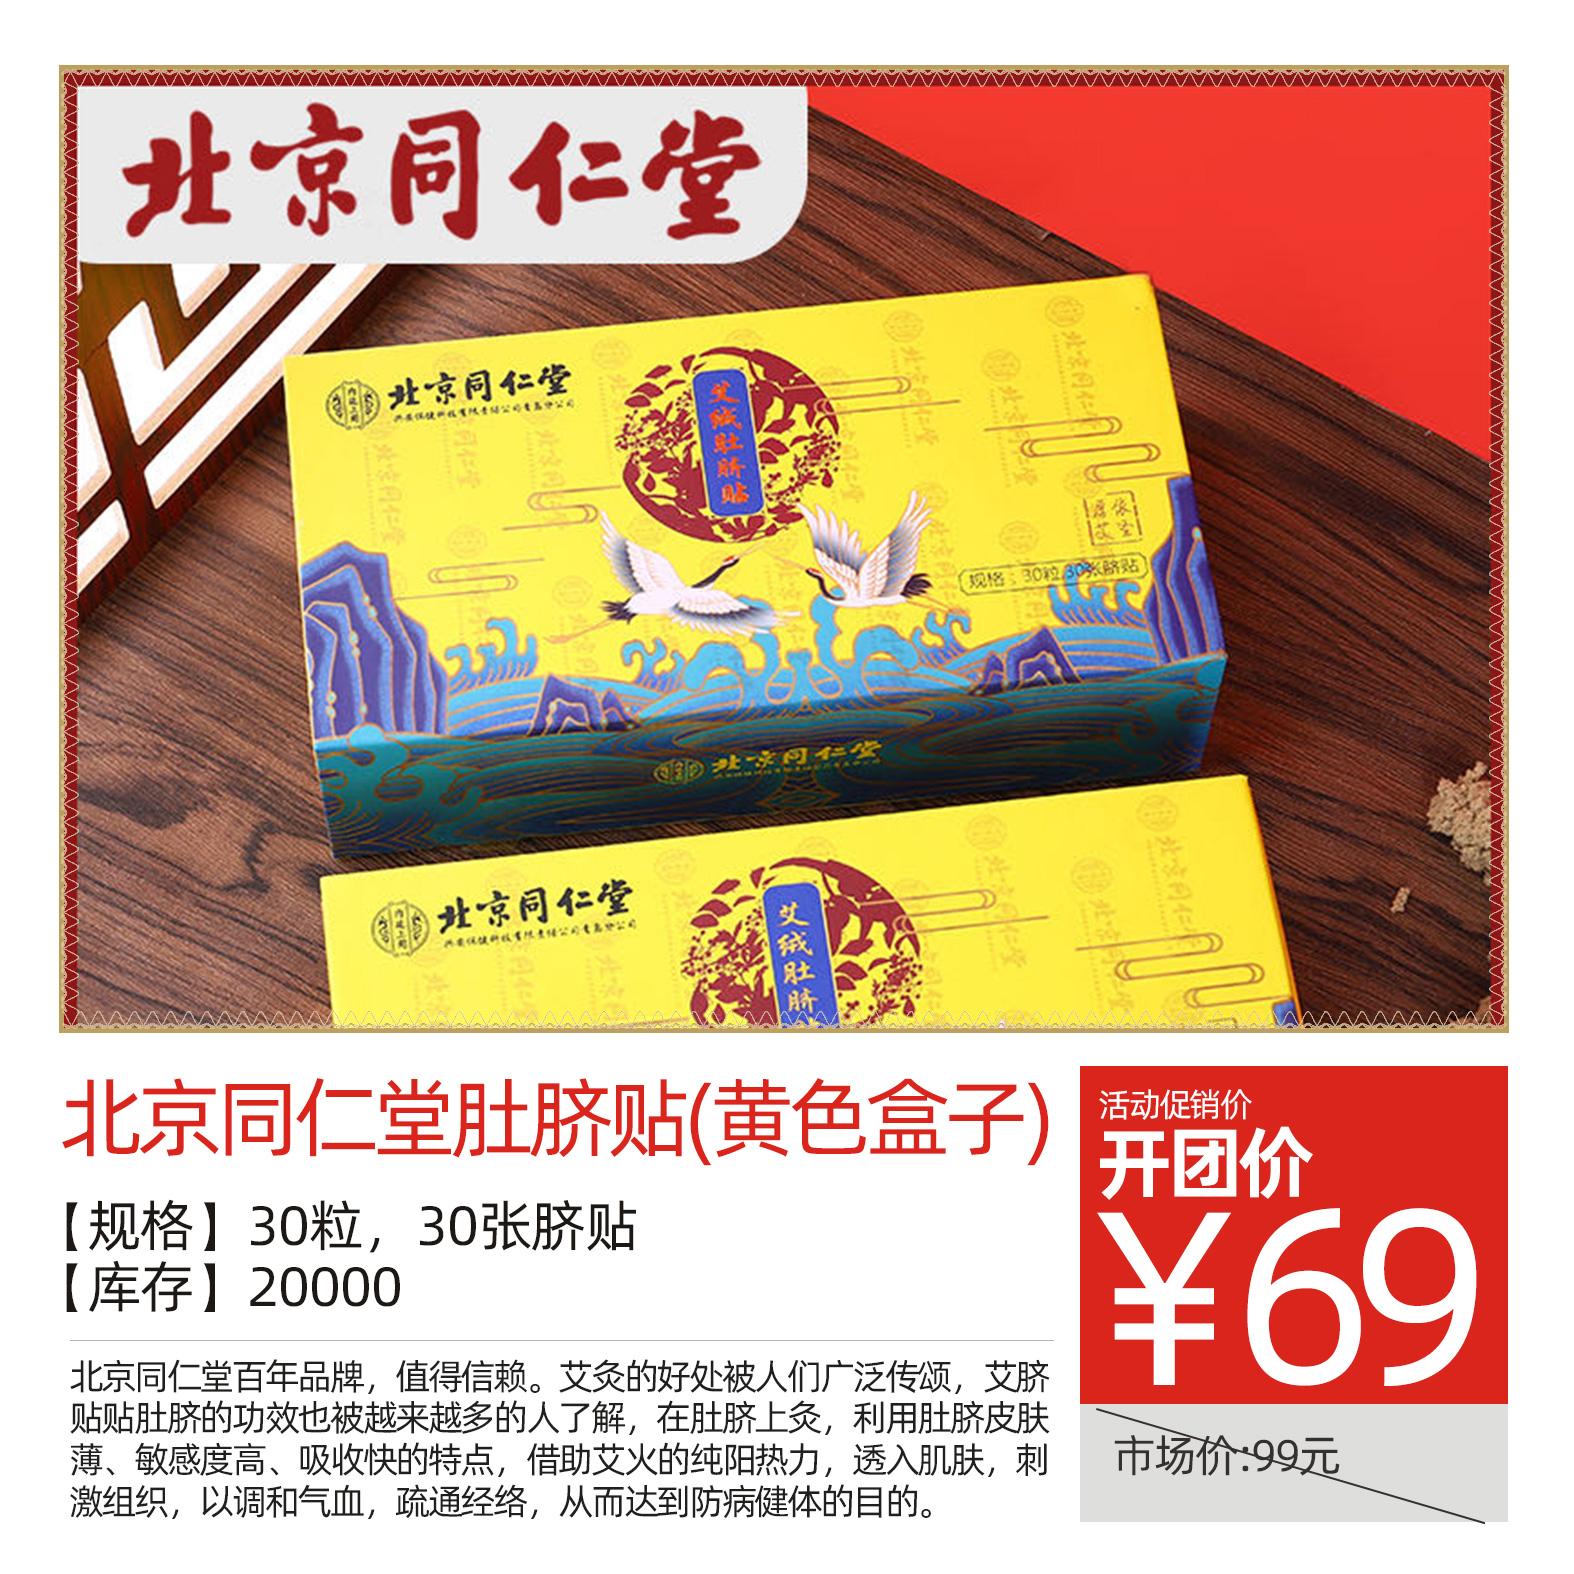 北京同仁堂肚脐贴(黄色盒子)